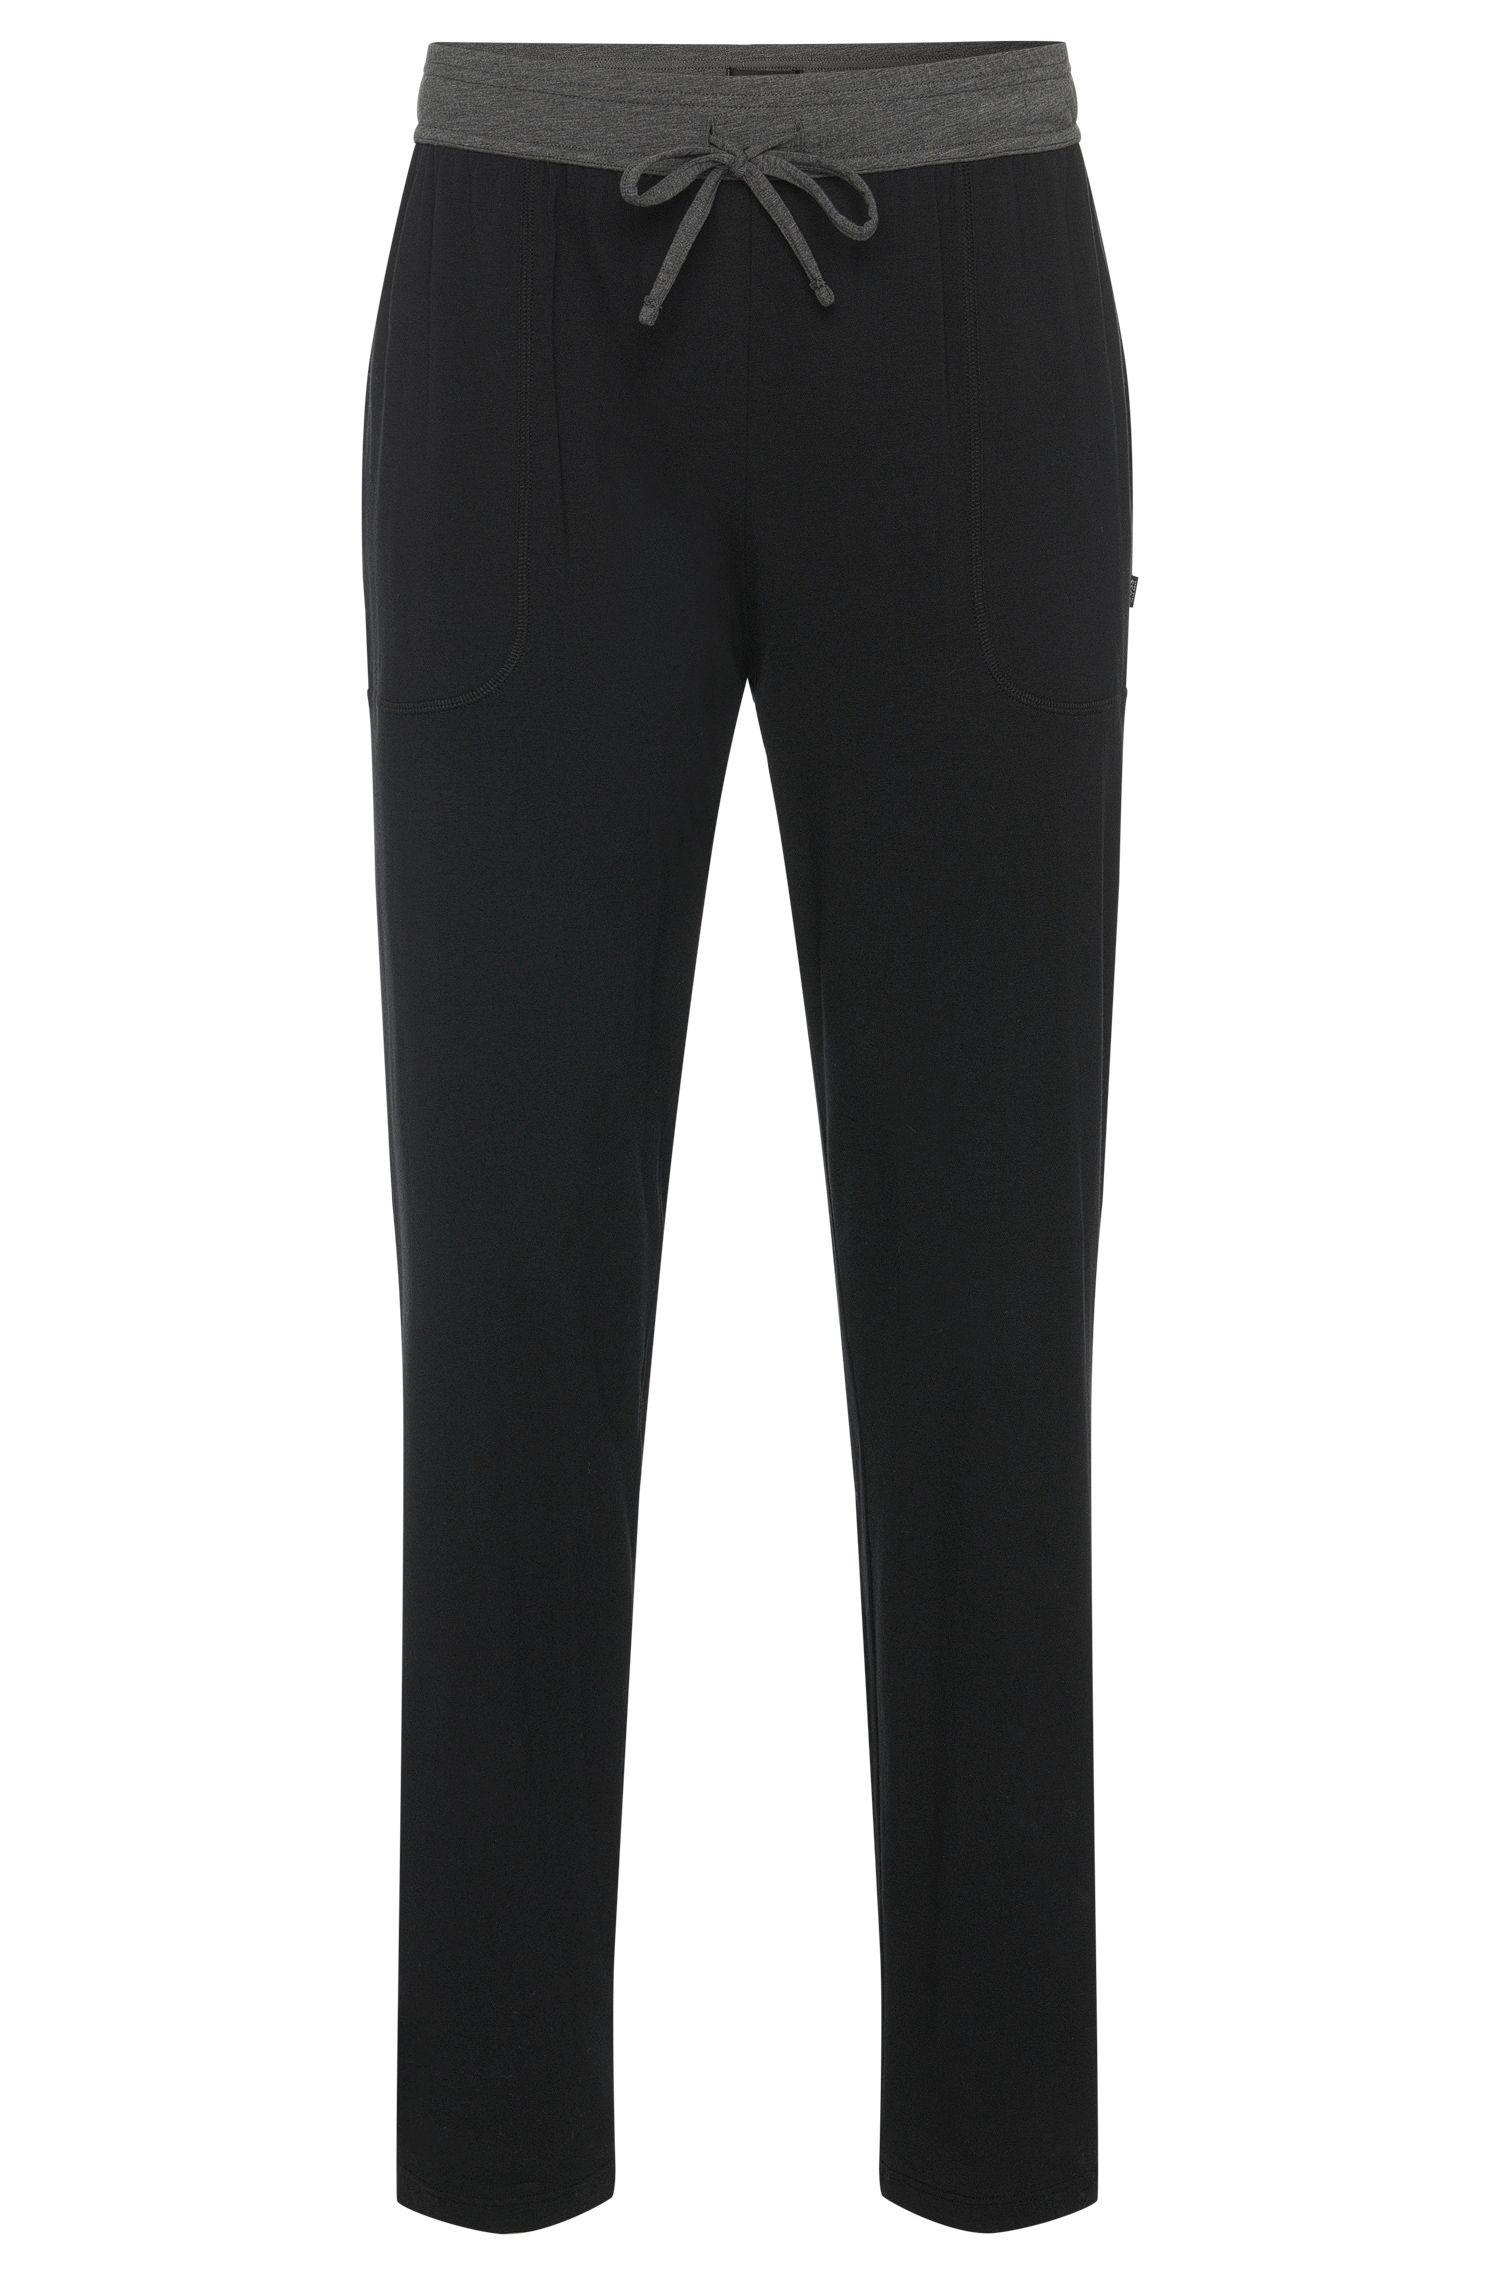 'Long Pant CW'   Stretch Cotton Modal Pants